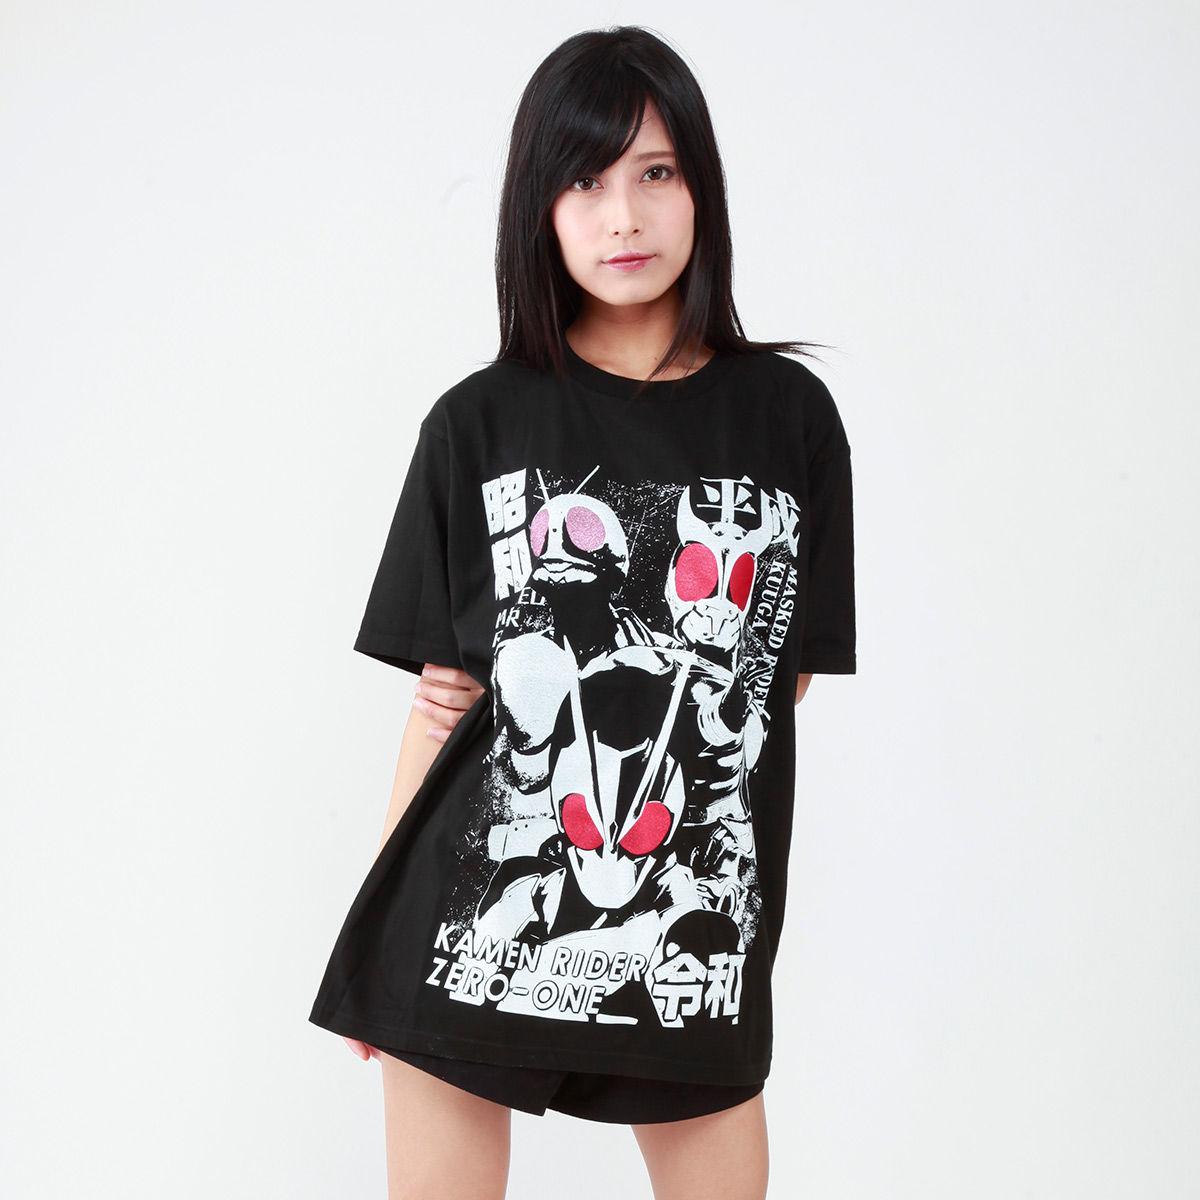 Kamen Rider the Beginning of Three Japanese Era T-shirt